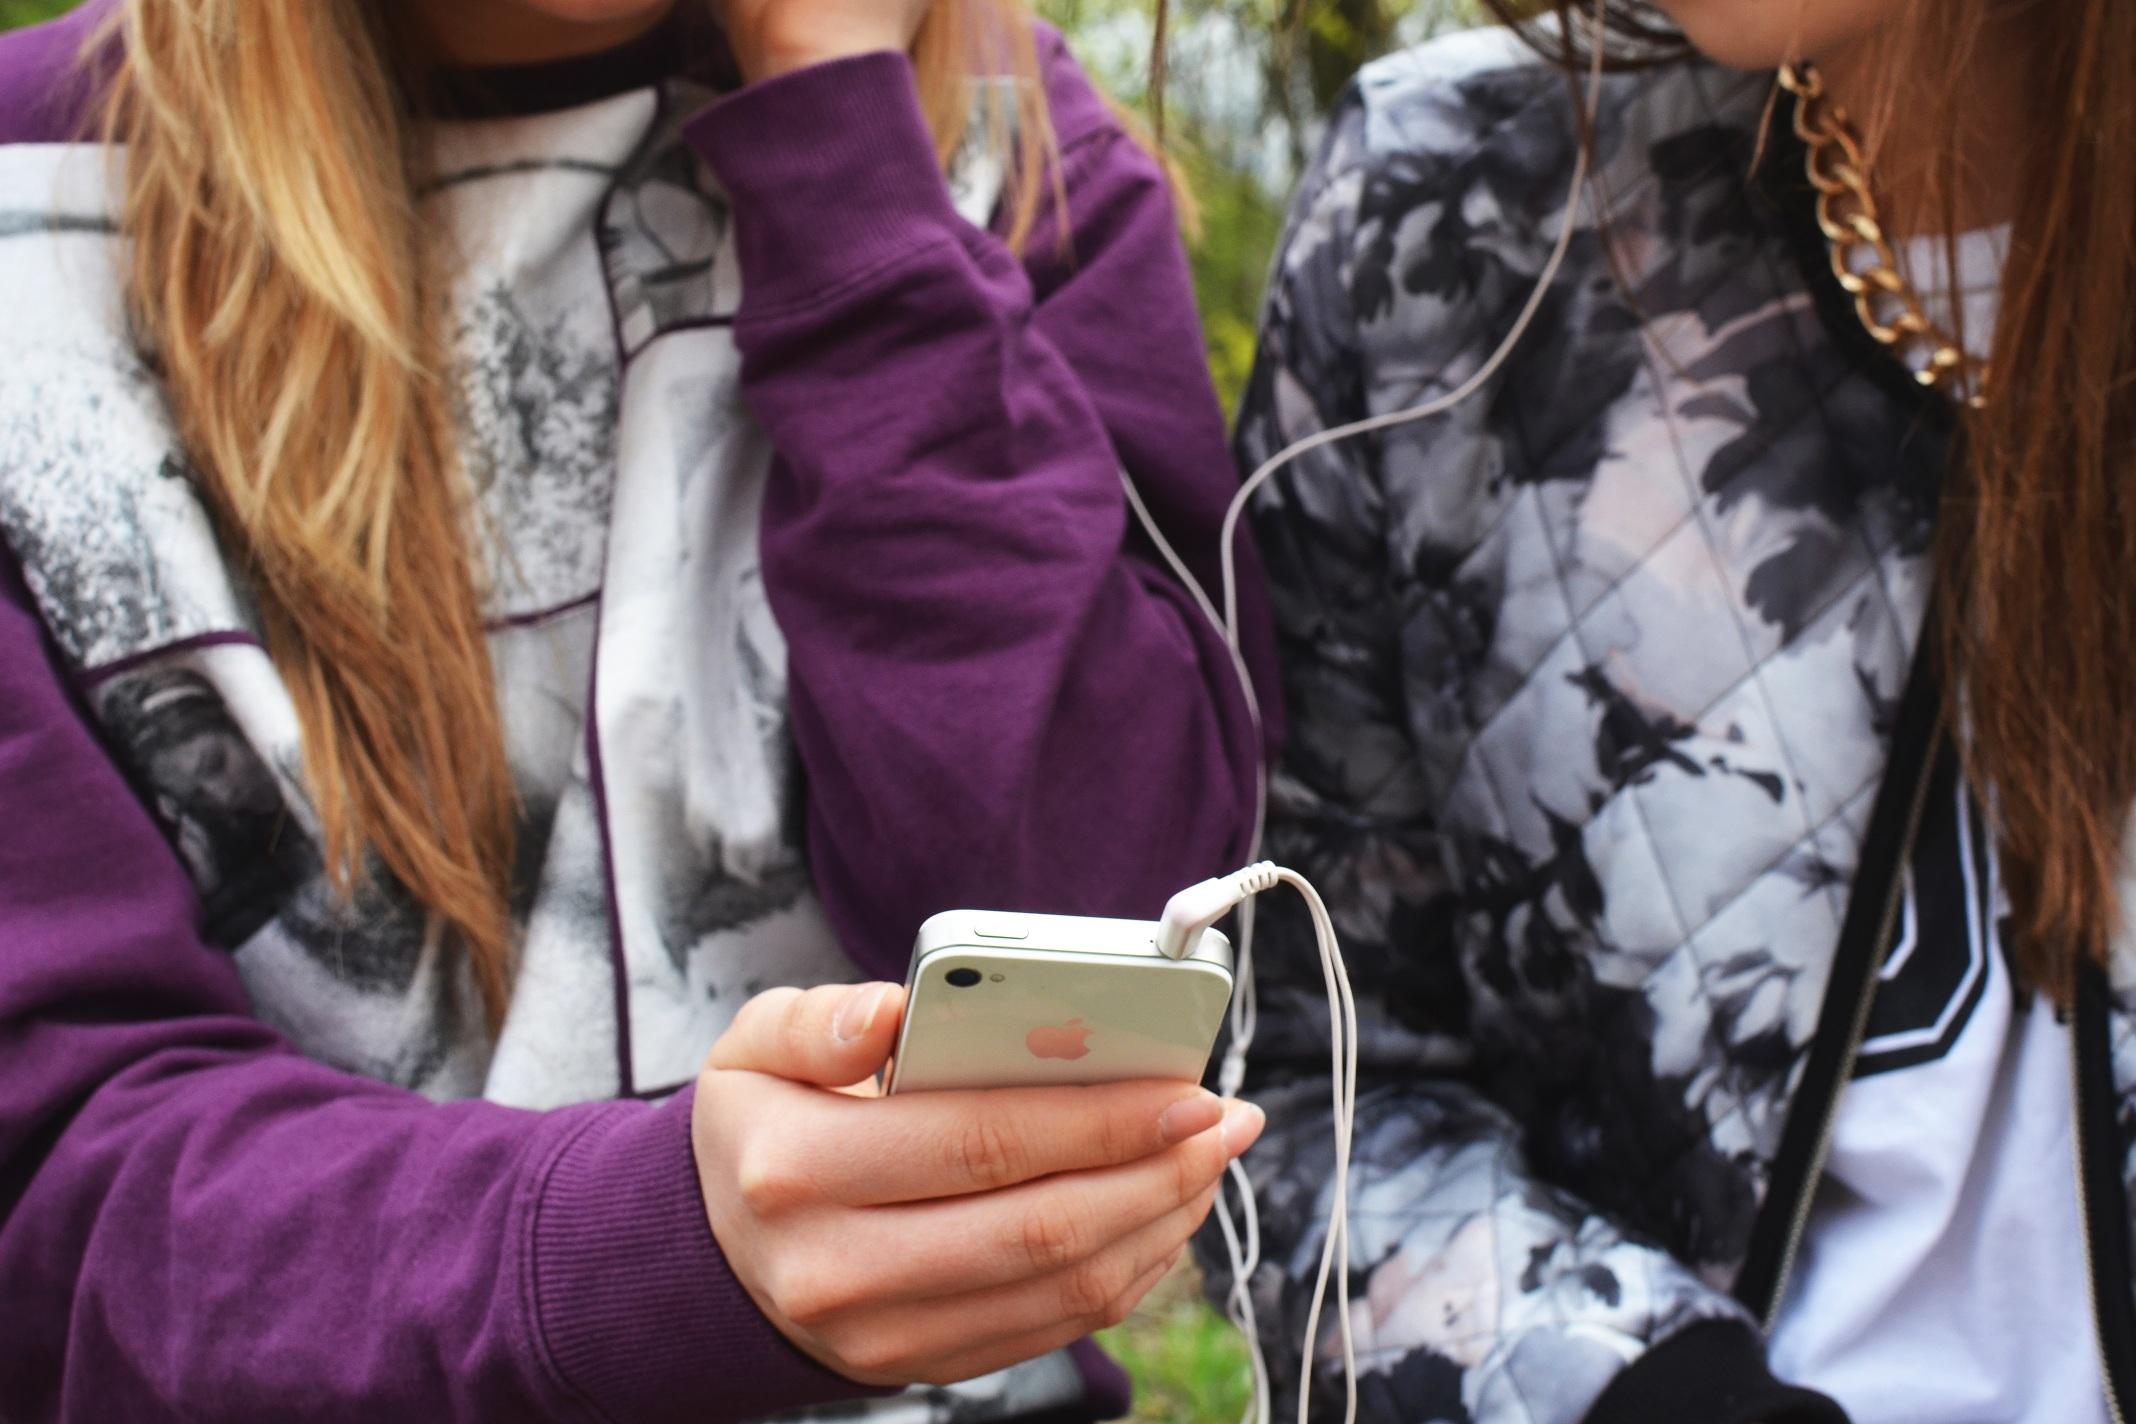 Cargar tu teléfono móvil mediante rayos láser ya es posible